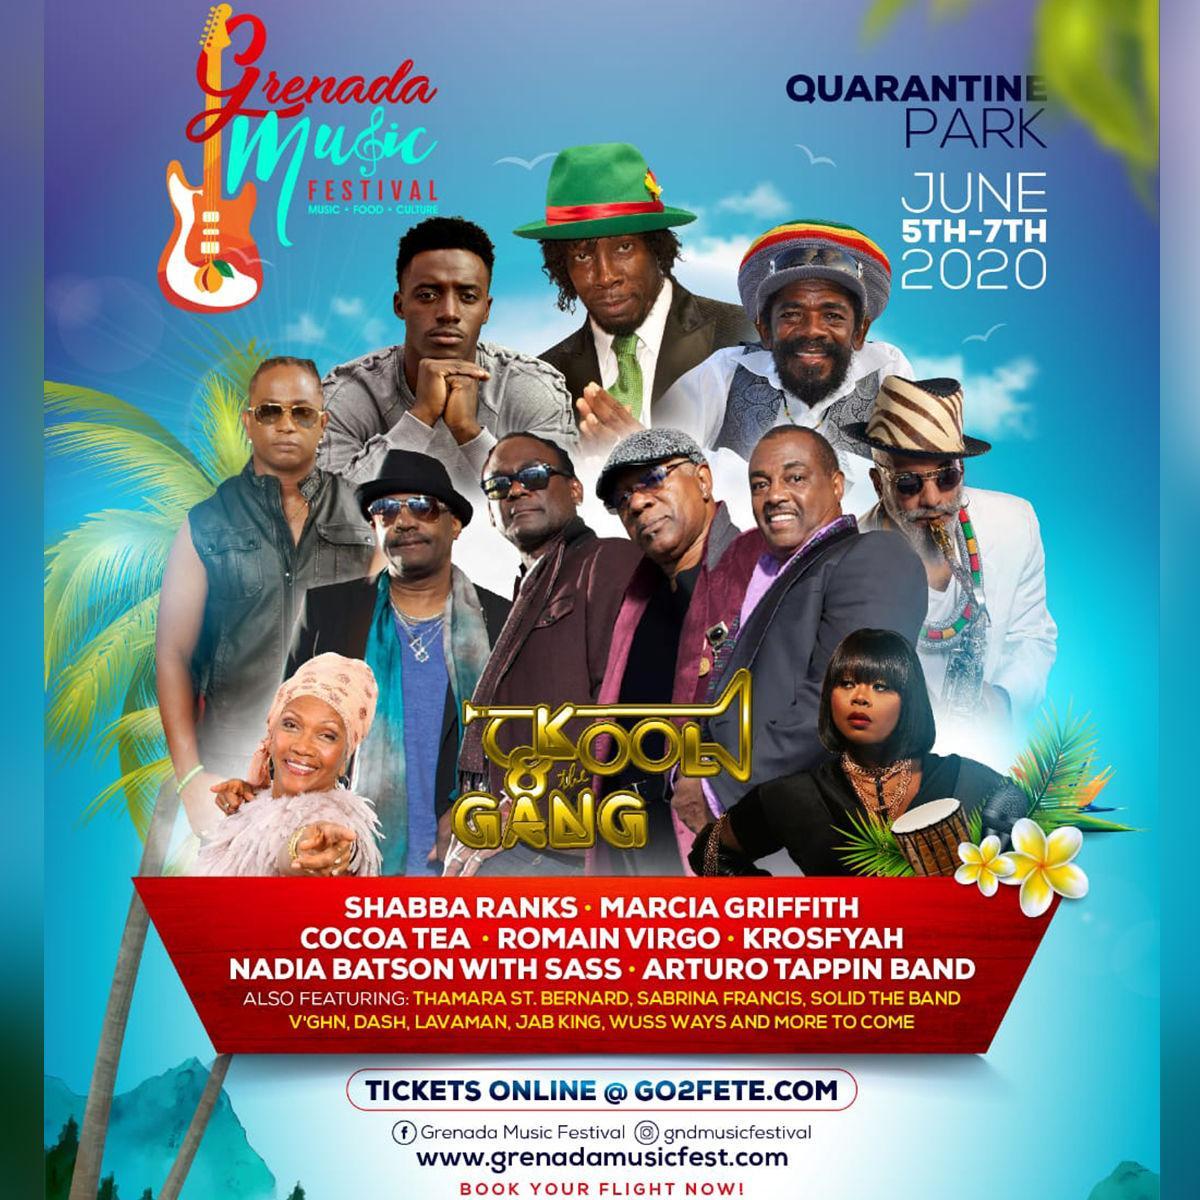 Grenada Music Festival